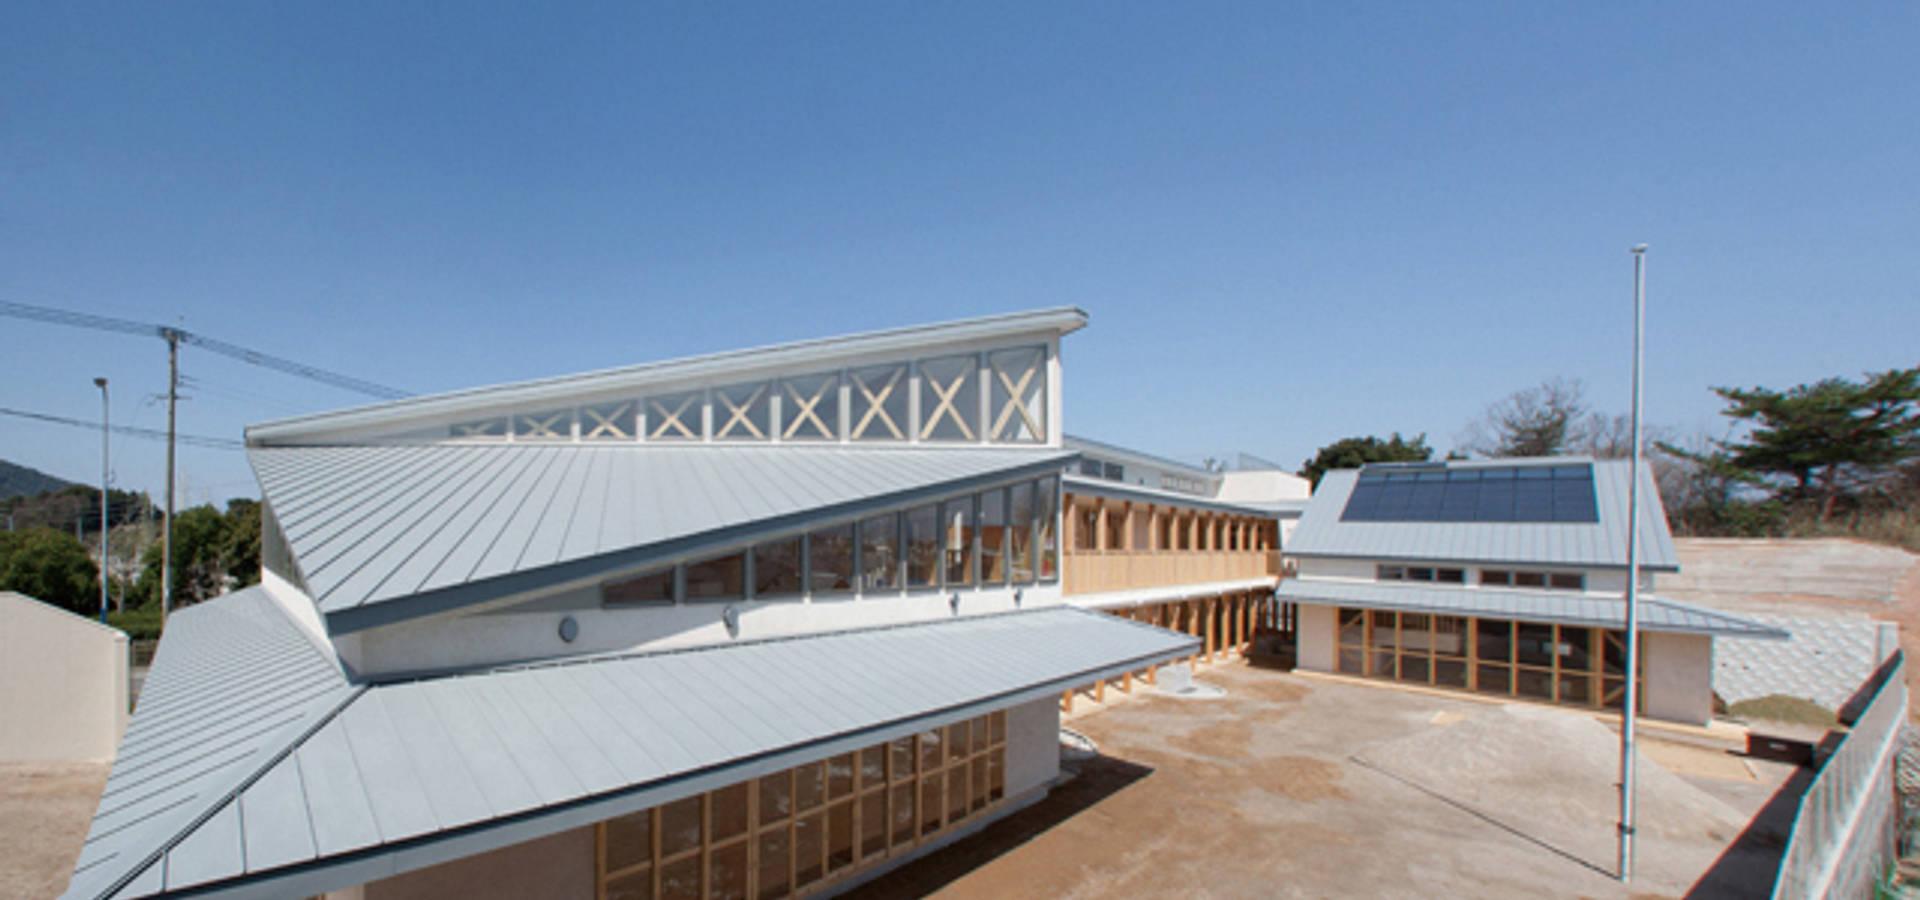 tatta建築設計事務所